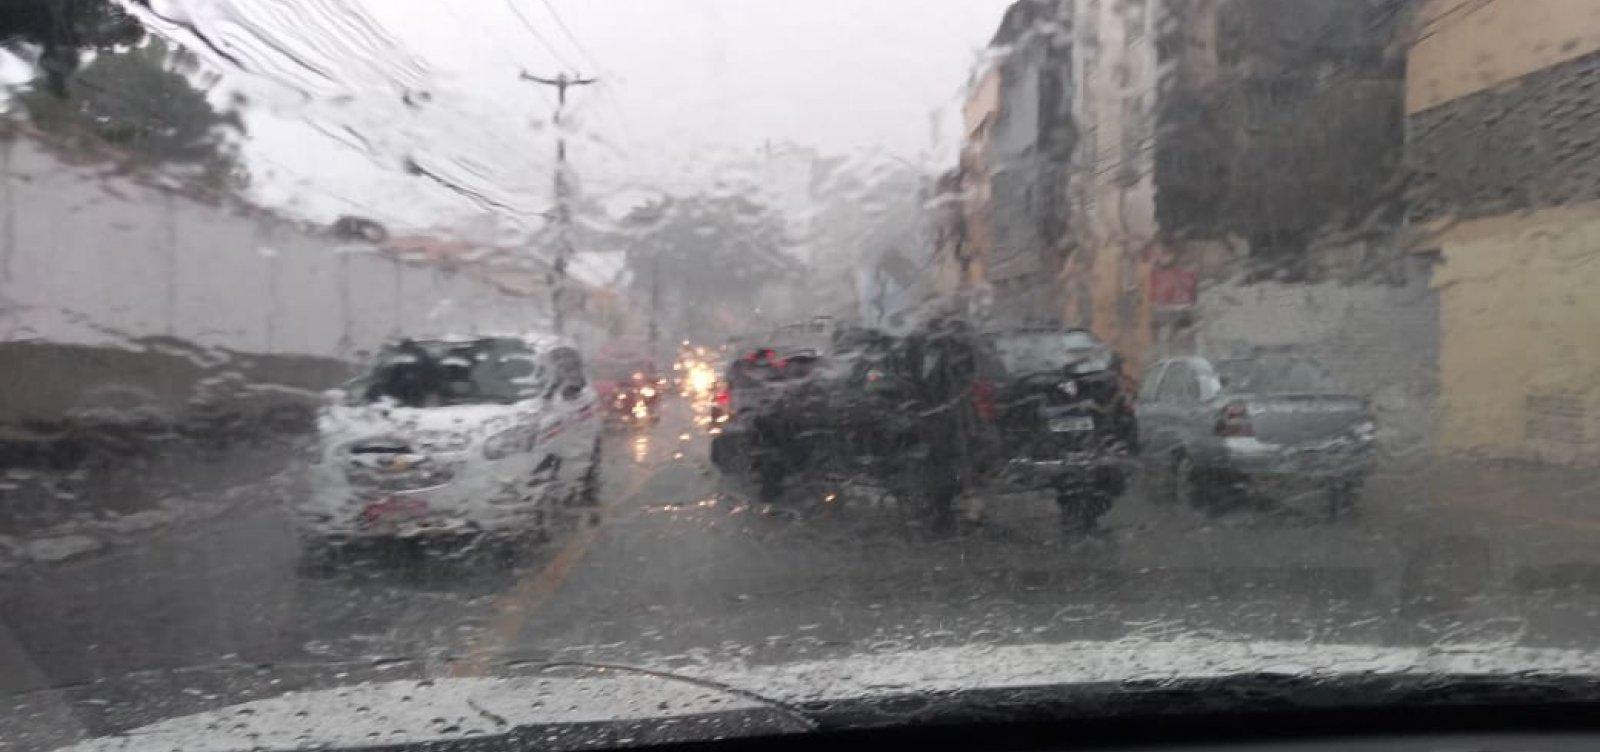 Defesa Civil registra 45 solicitações devido às chuvas em Salvador